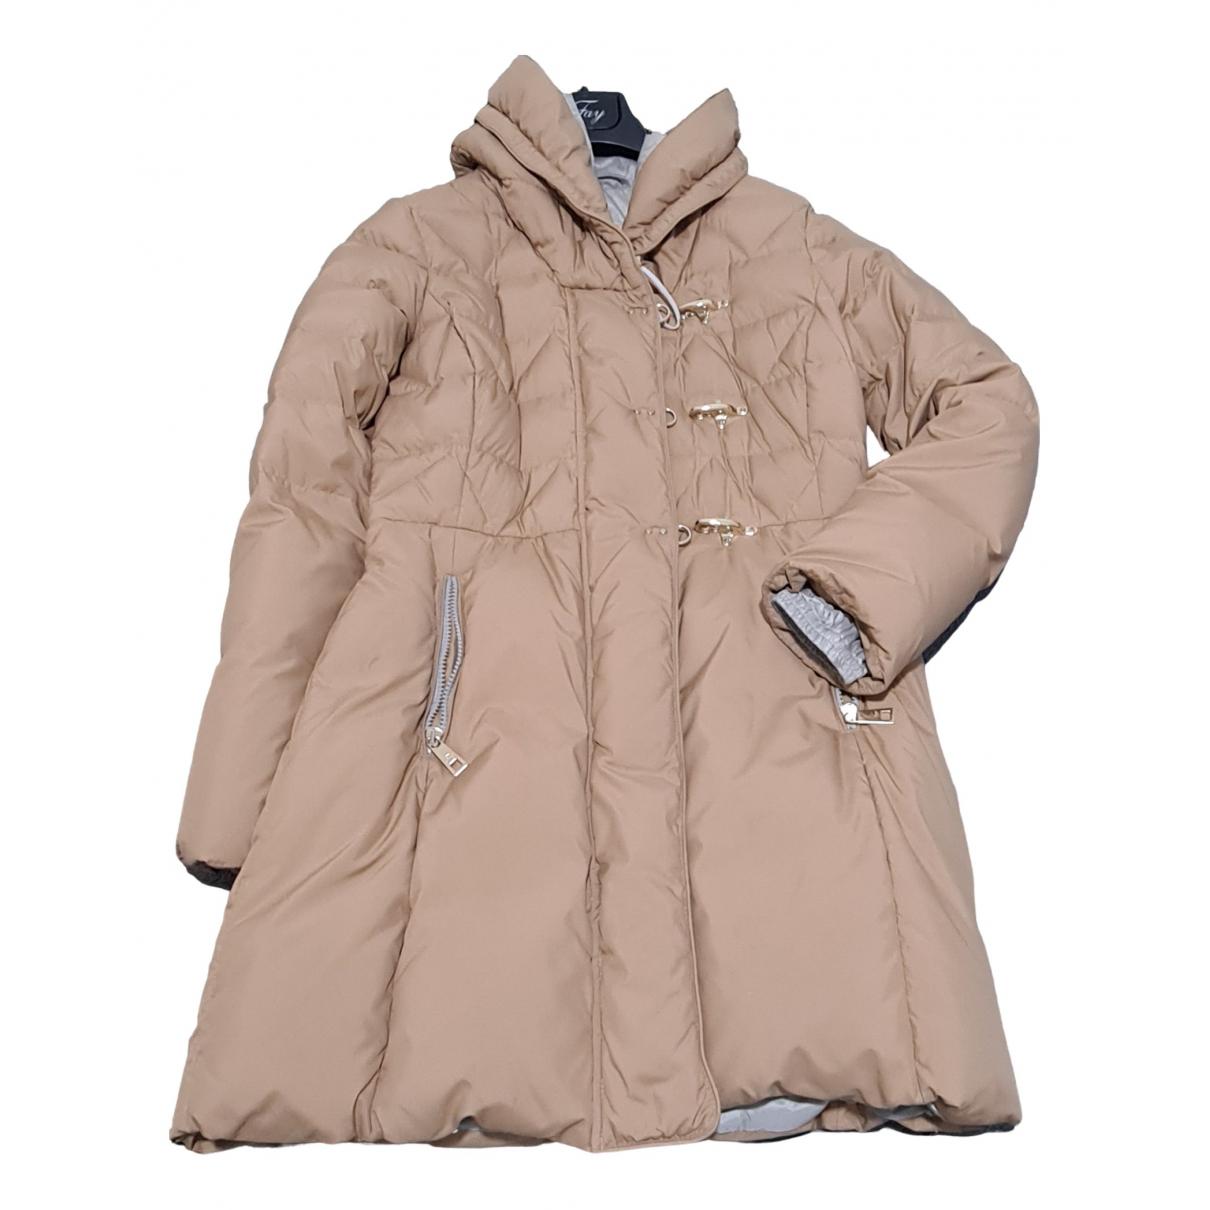 Fay N jacket for Women S International